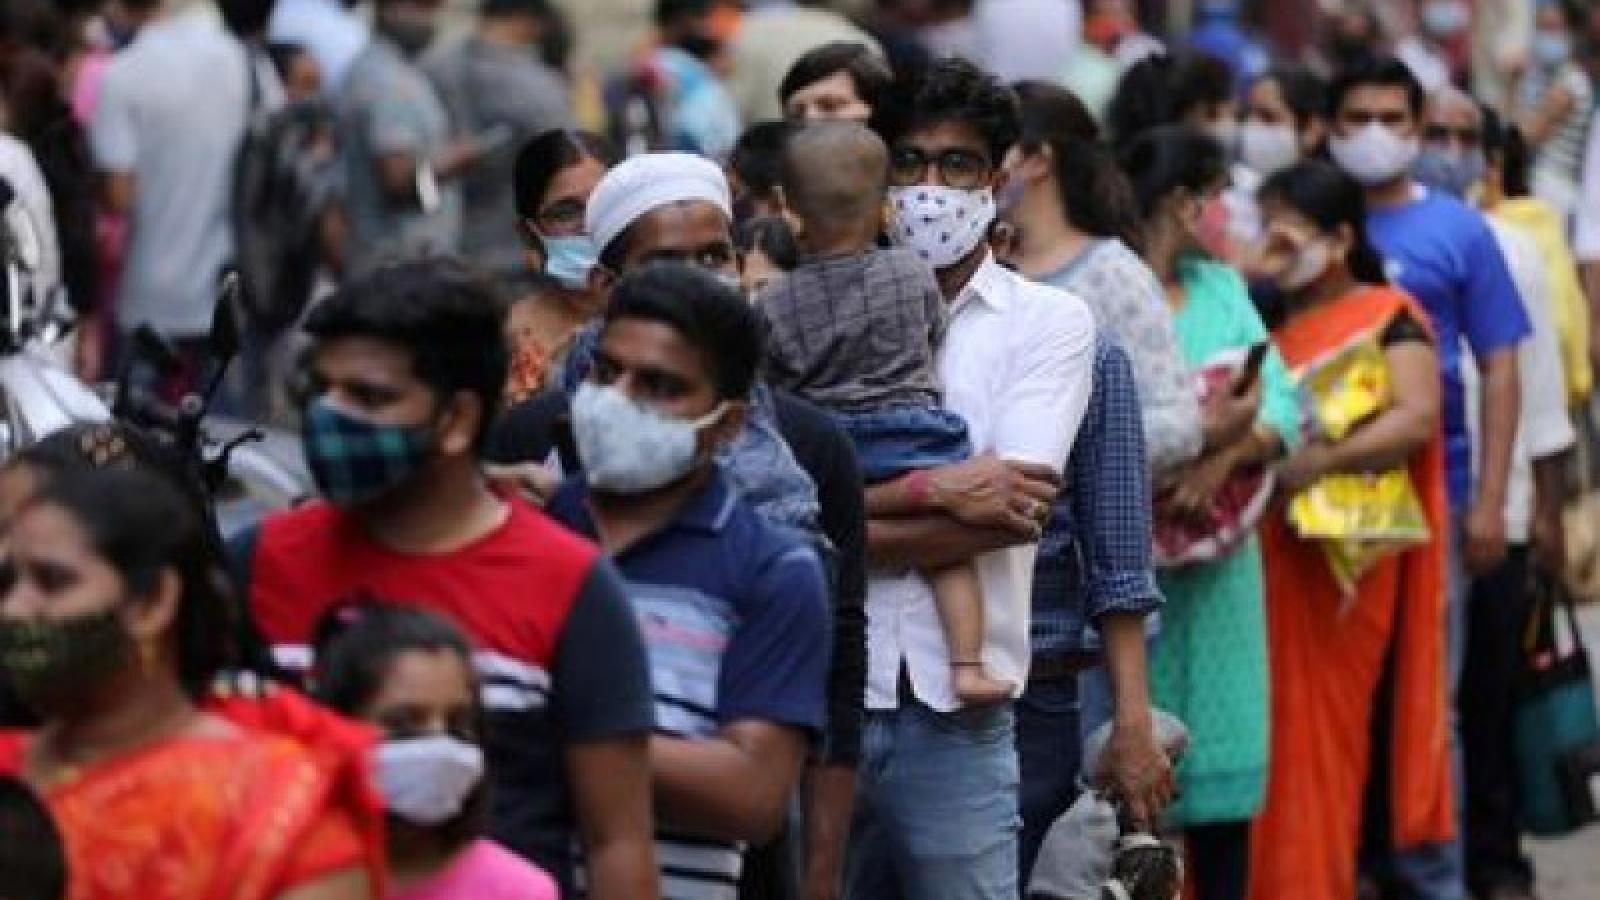 Thủ đô New Delhi (Ấn Độ) kéo dài phong tỏa thêm 1 tuần